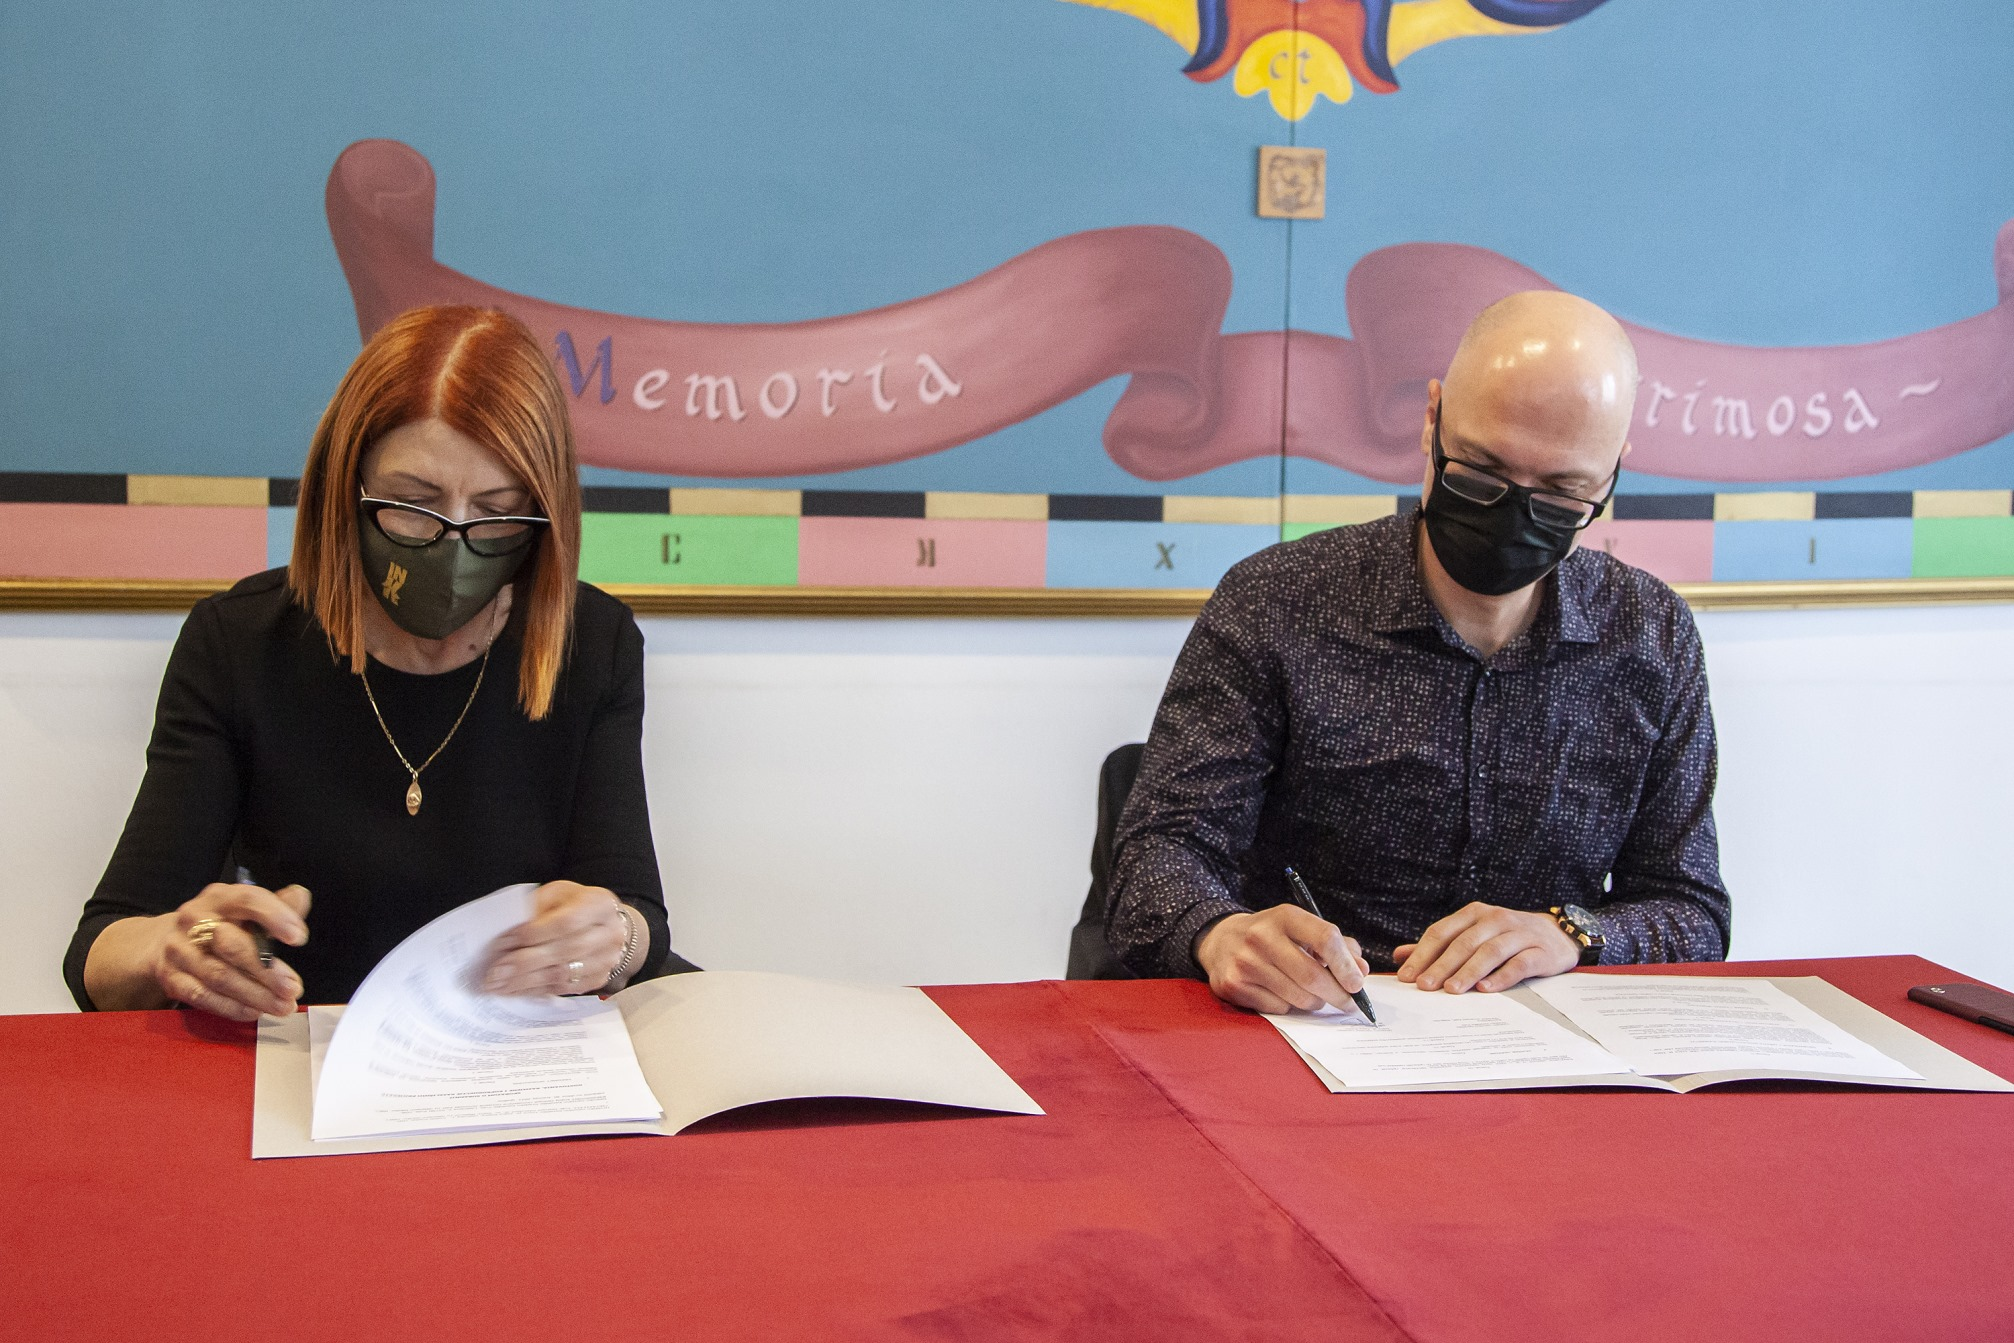 Potpisan sporazum o suradnji riječkog i pulskog kazališta: bogatiji i raznolikiji program u oba kazališta